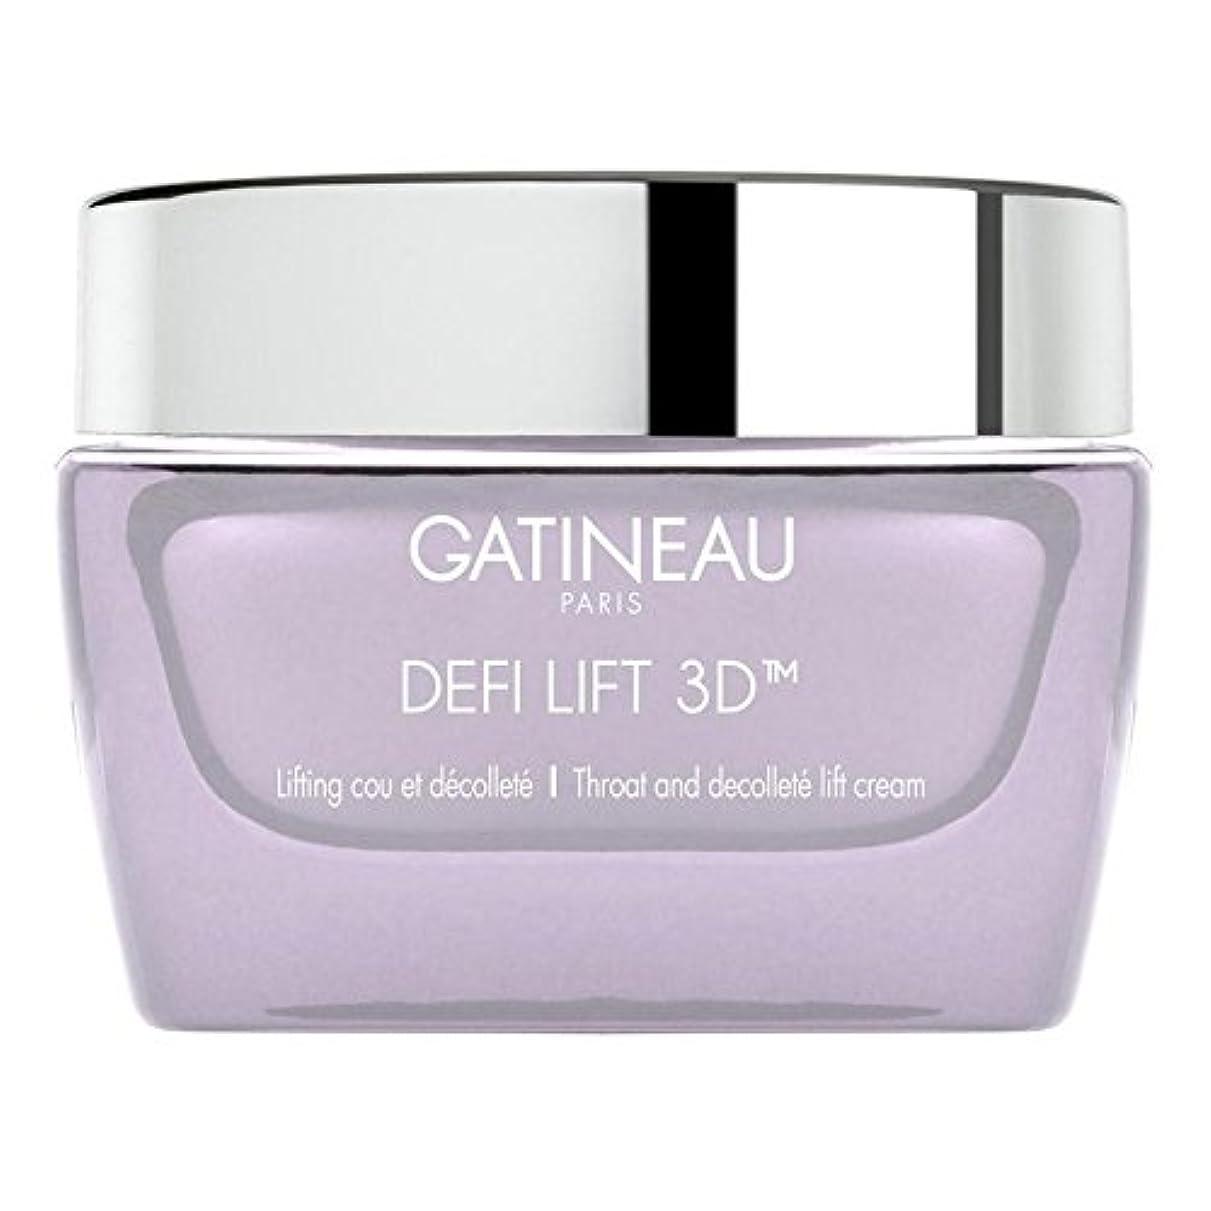 服を洗う散文調整ガティノー 3喉とリフトクリーム50 x2 - Gatineau DefiLIFT 3D Throat and Decollette Lift Cream 50ml (Pack of 2) [並行輸入品]